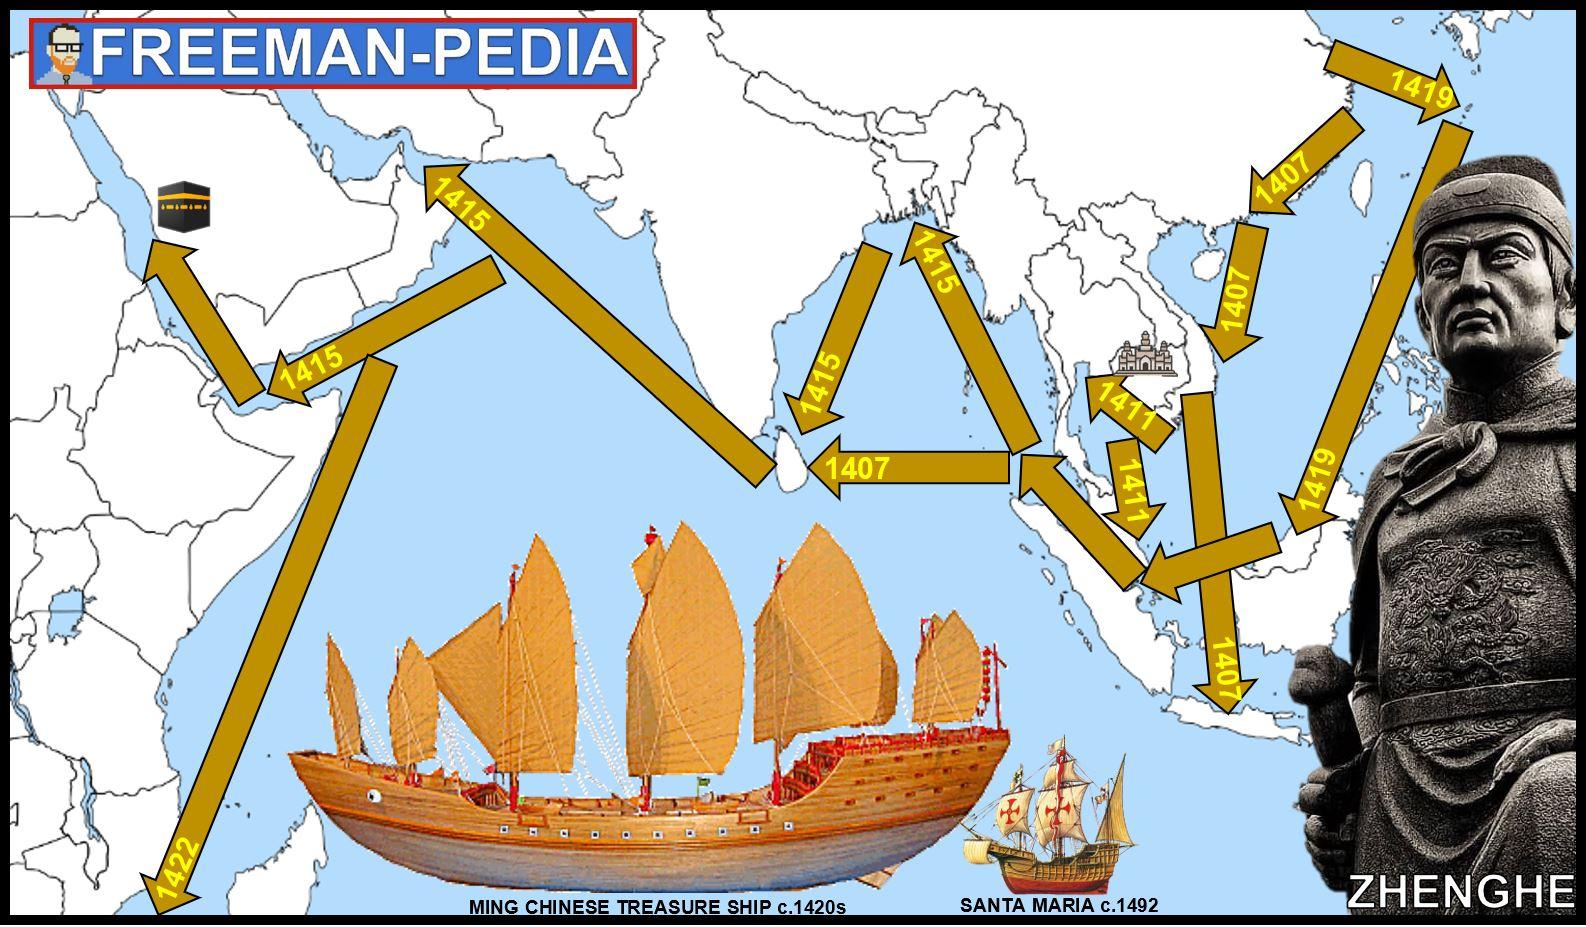 ZHENGHE MAP AP WORLD MODERN FREEMANPEDIA.JPG